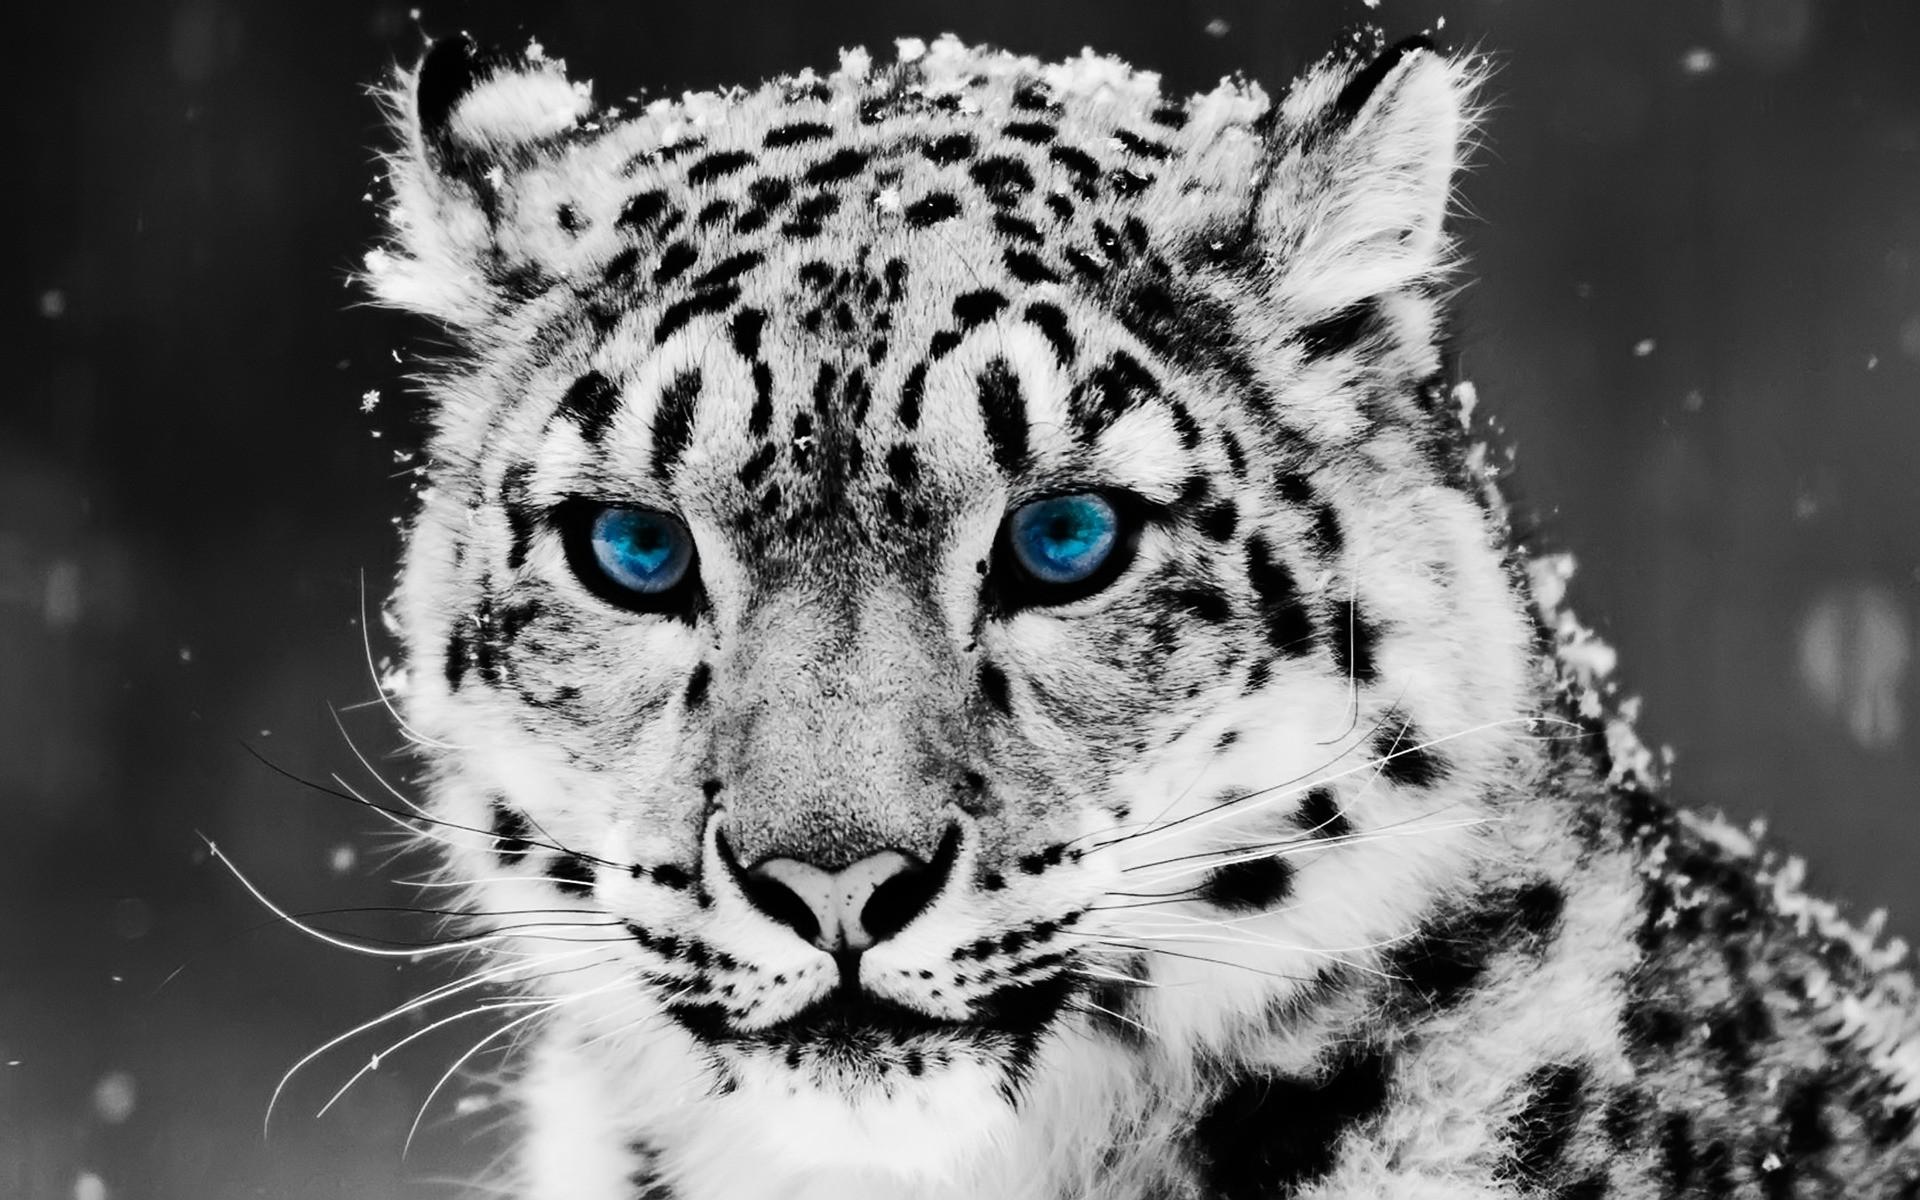 Snow Leopard Wallpaper Big Cats Animals